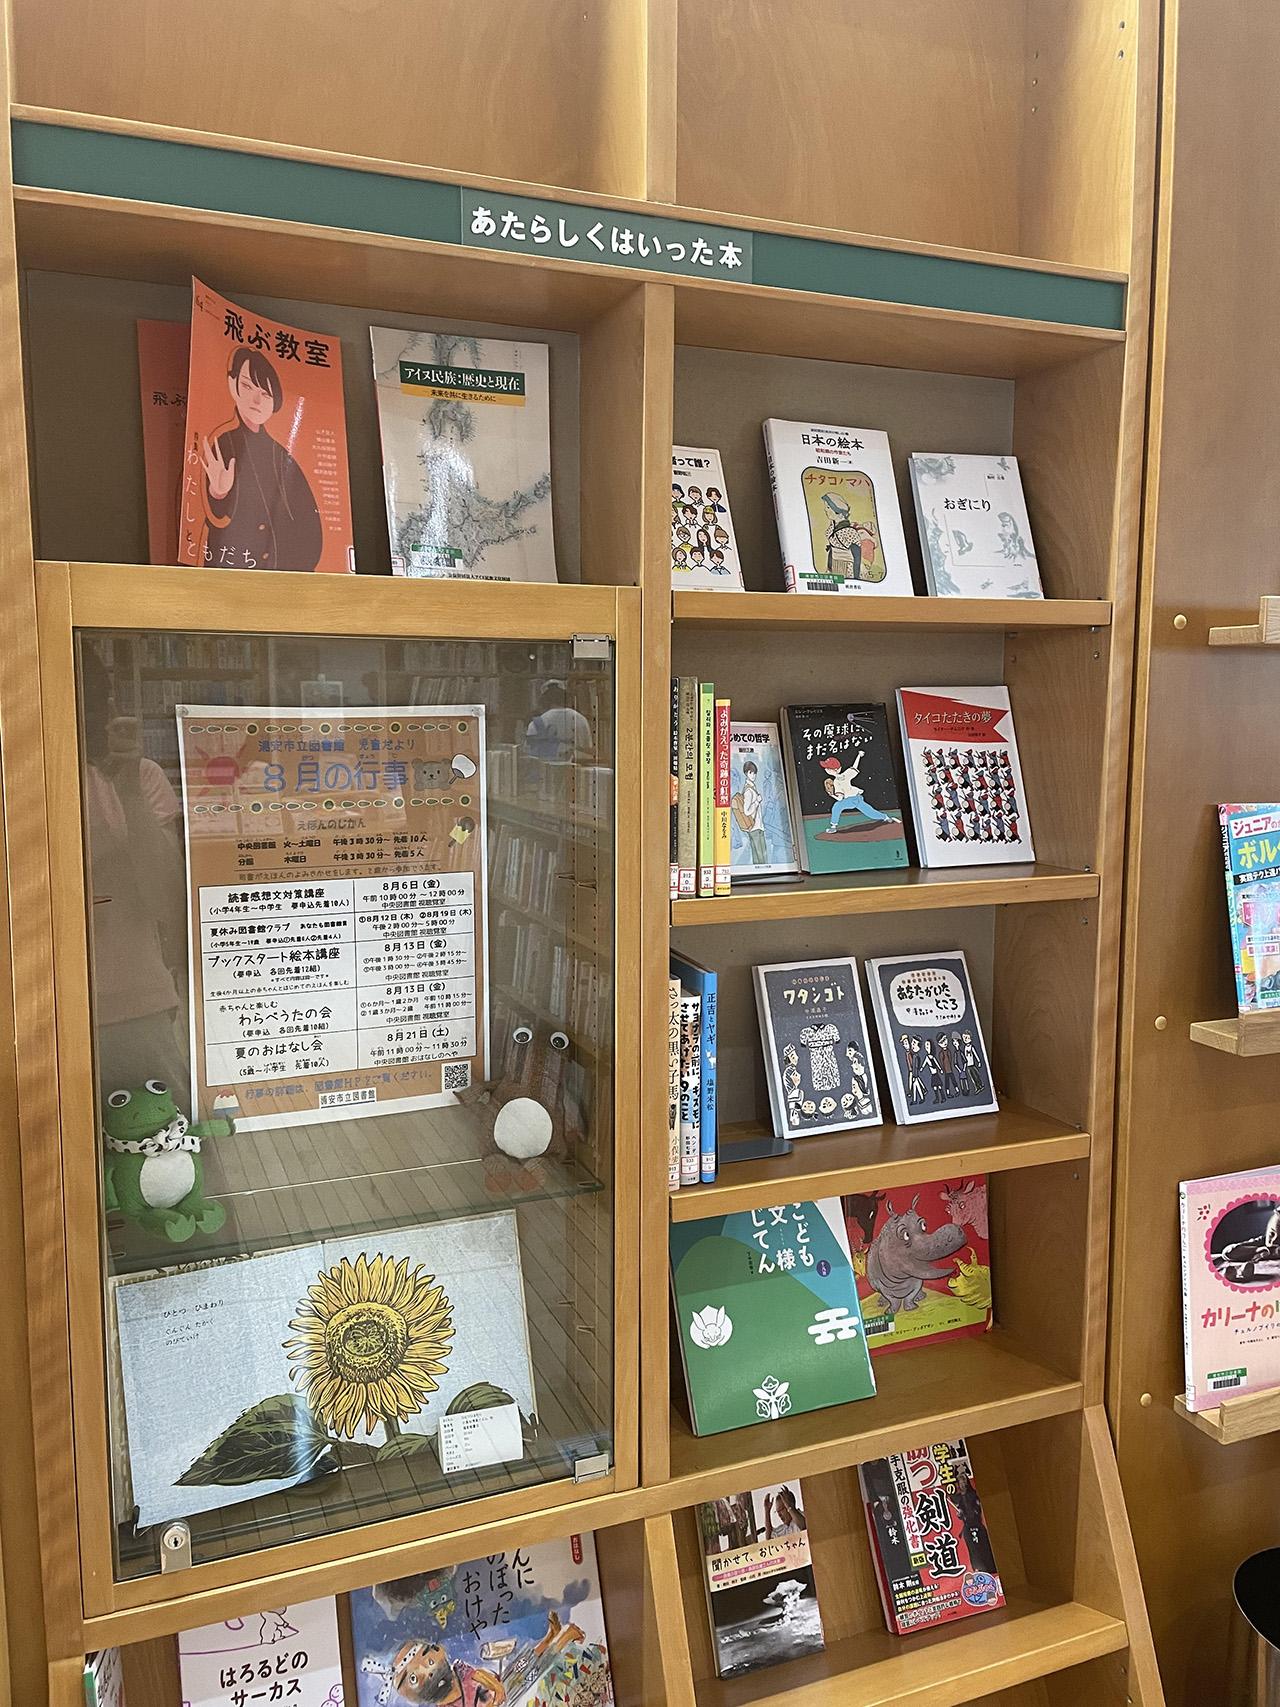 浦安市立中央図書館の投稿写真6